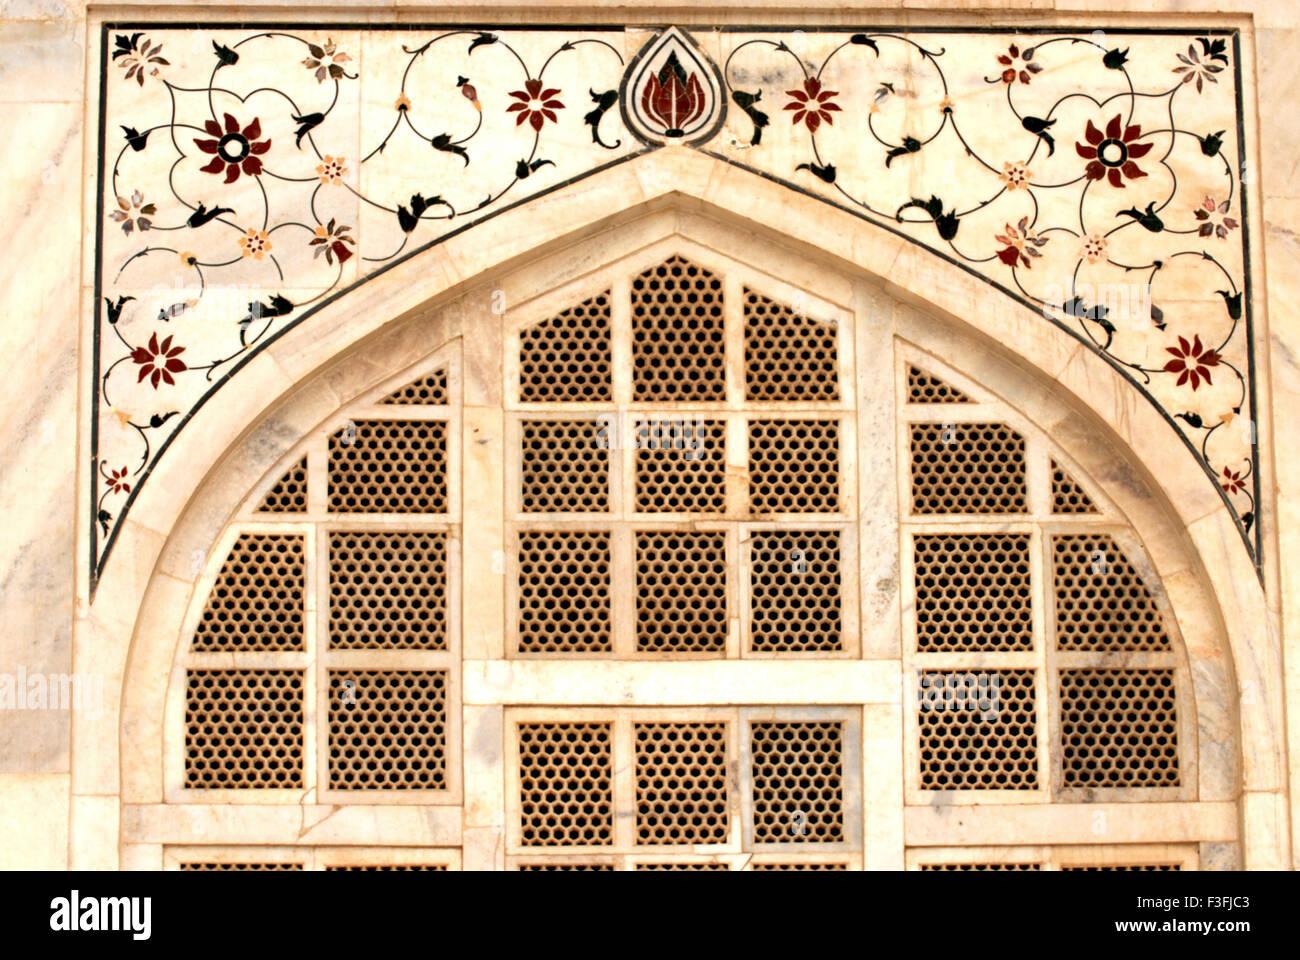 Polychrome inlay with floral designs; Taj mahal ; Agra ; Uttar Pradesh ; India - Stock Image